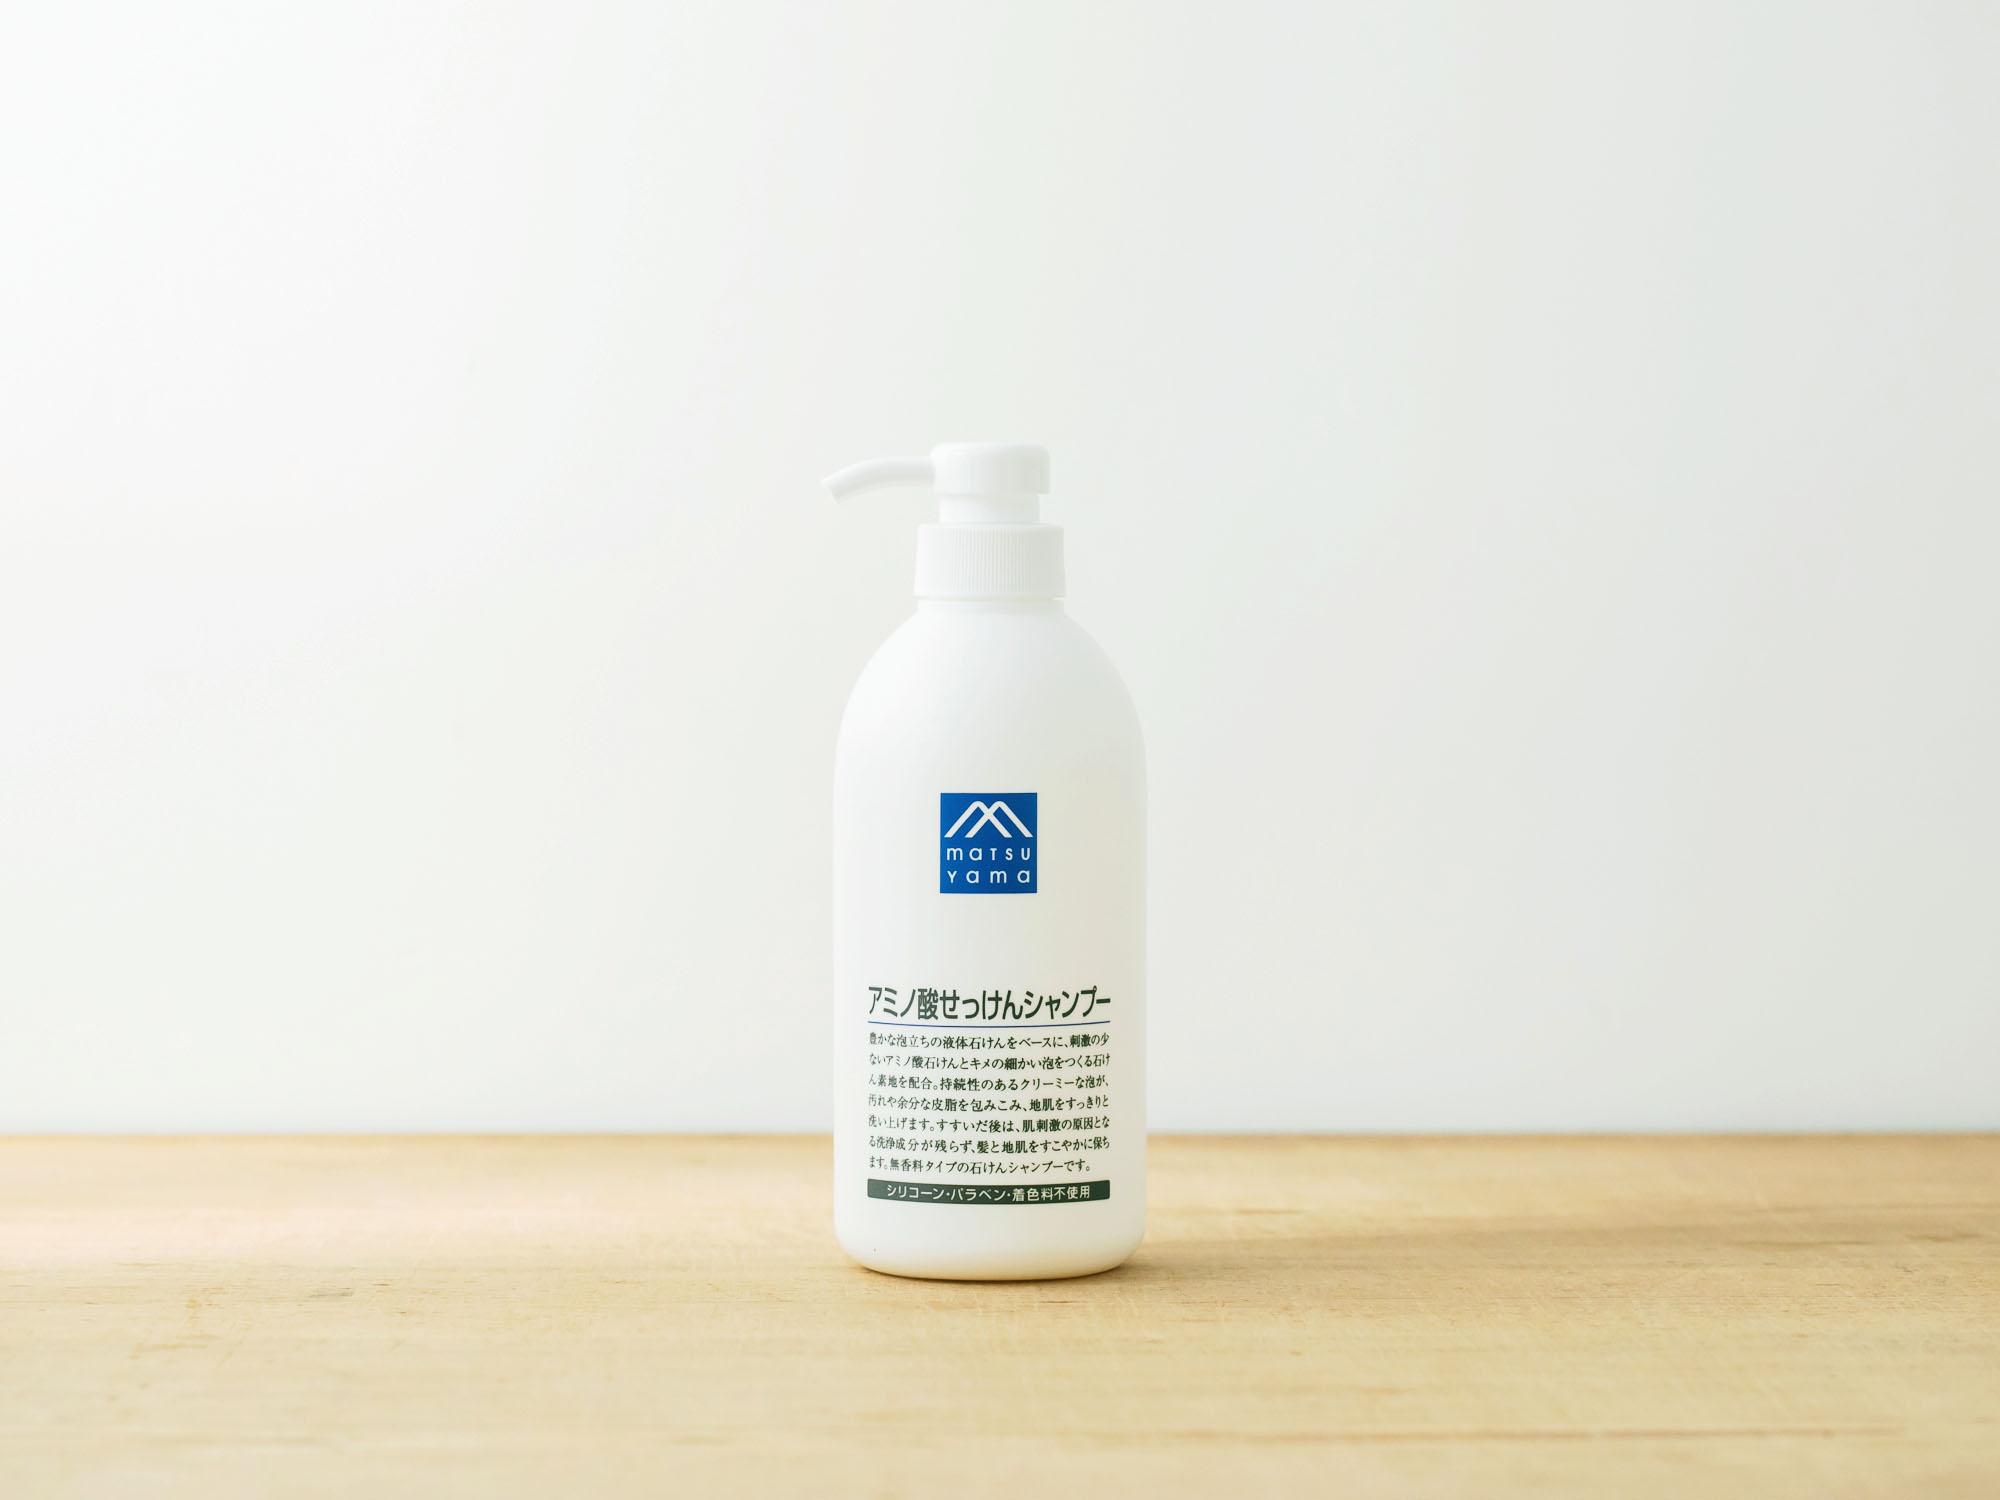 松山油脂 M-mark アミノ酸せっけんシャンプー